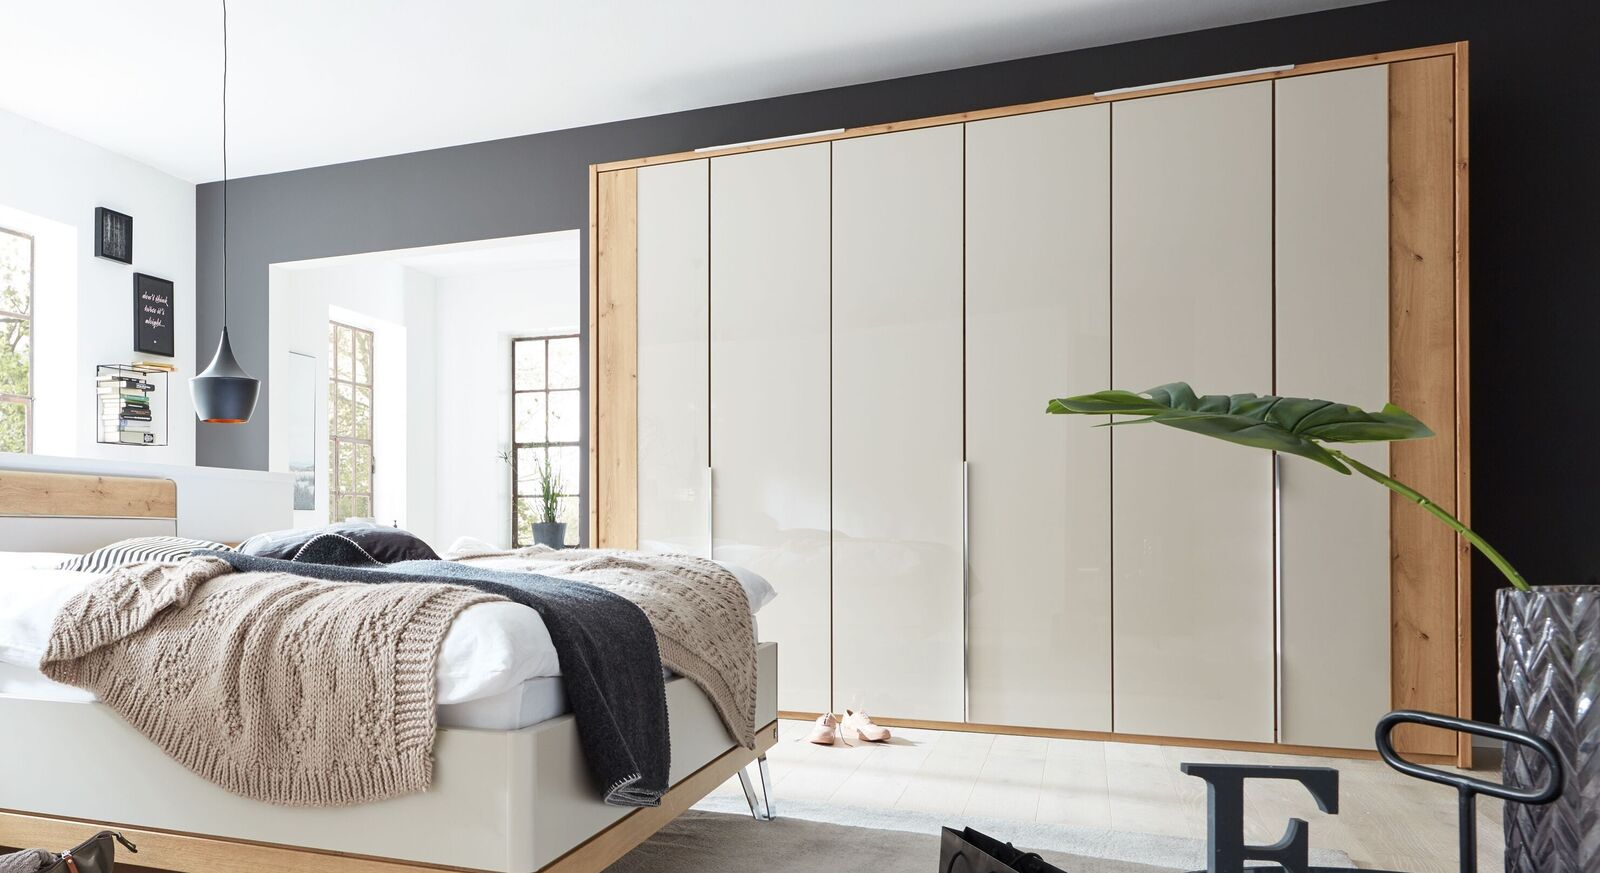 INTERLIVING Drehtüren-Kleiderschrank 1017 in zweifarbigem Design